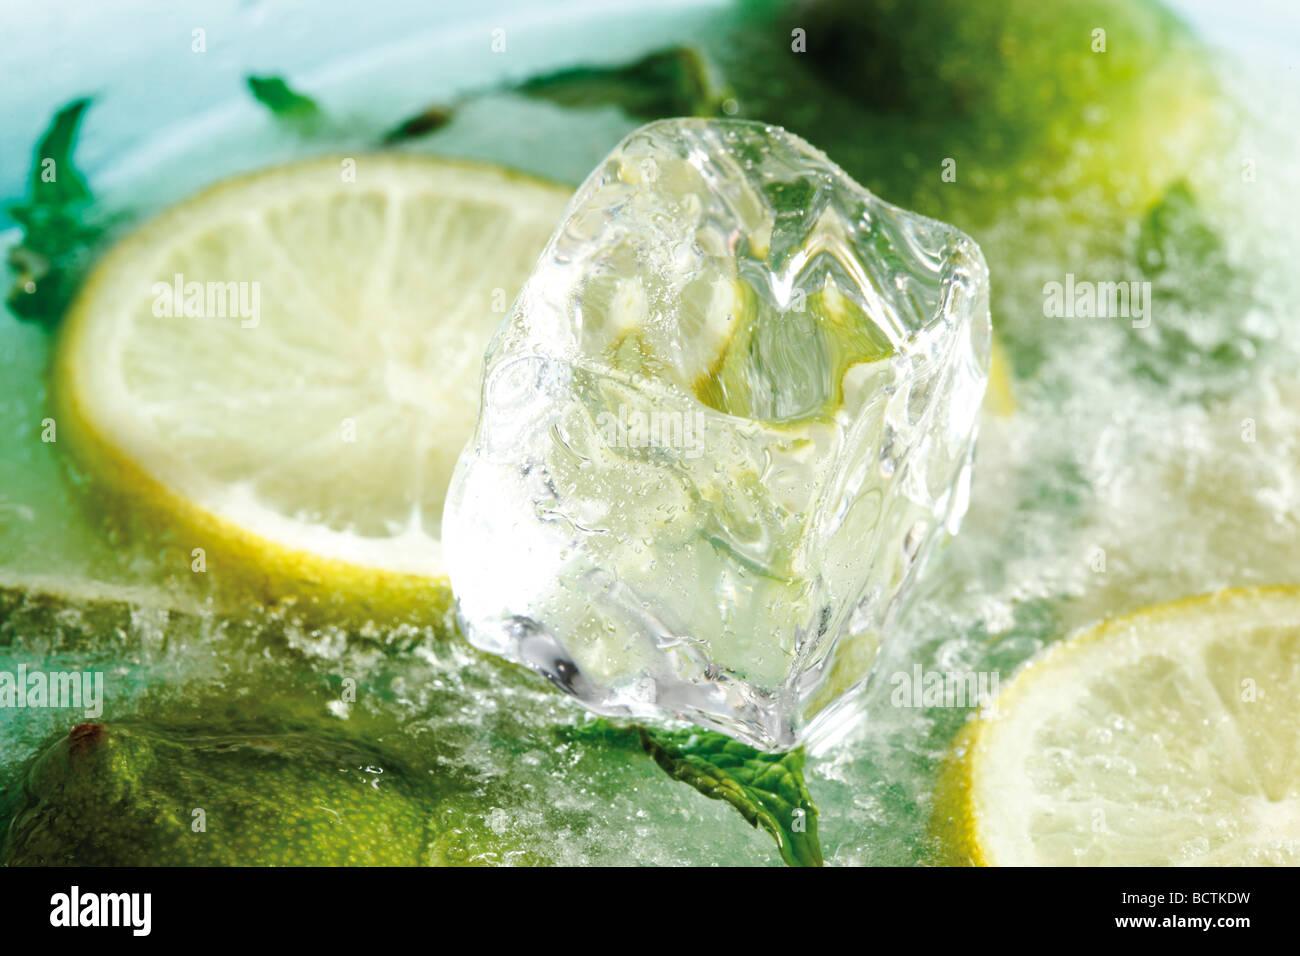 Limetten Scheiben und Eiswürfel gefroren Zitronenscheiben, Stockbild